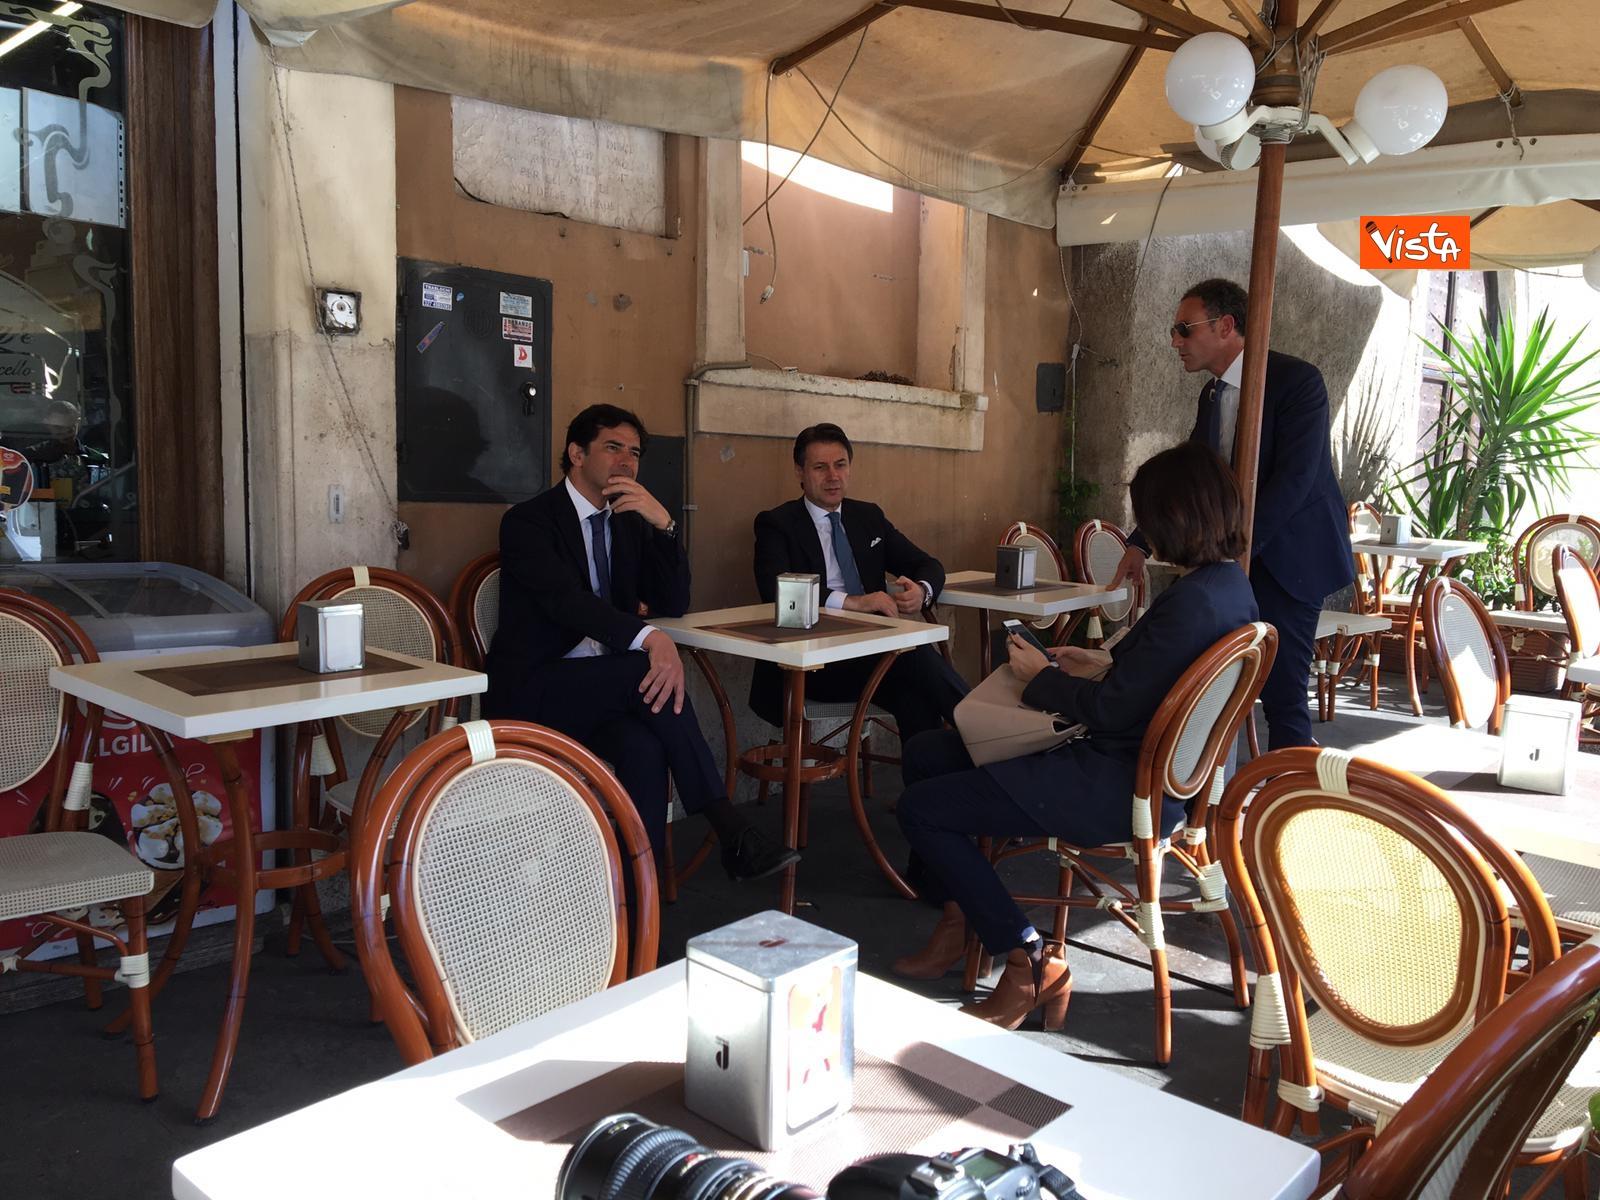 25-04-19 Conte prende un caffe al bar al termine della cerimonia all Altare della Patria per il 25 Aprile_05